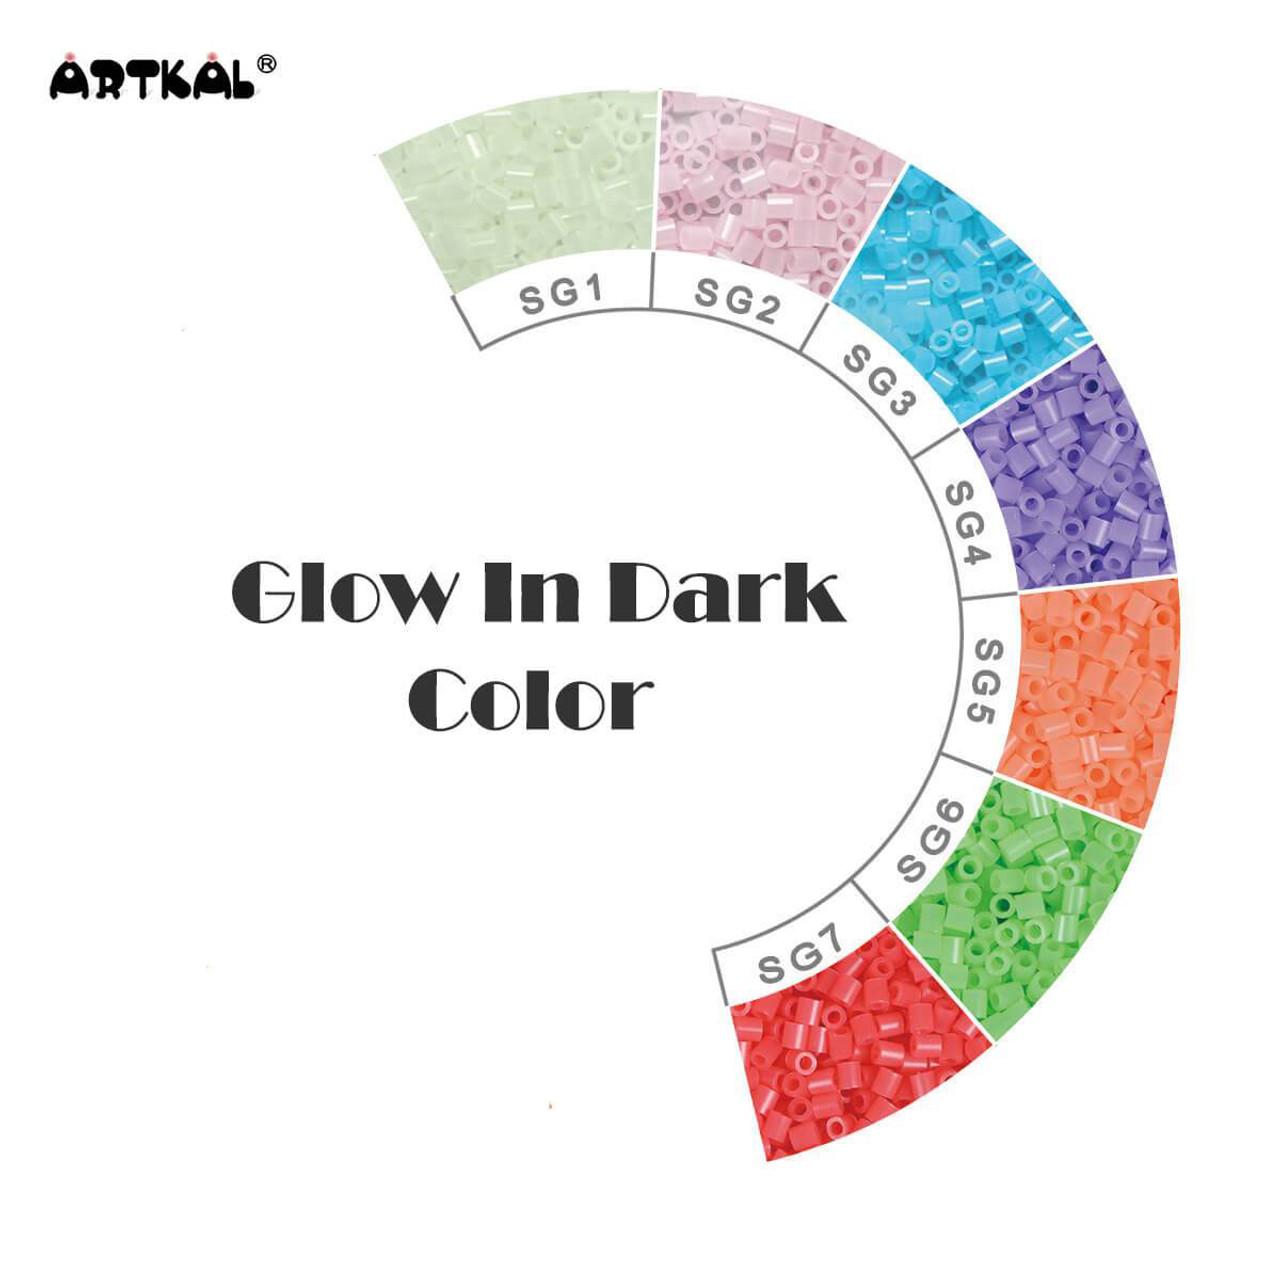 Artkal Glow-in-the-Dark